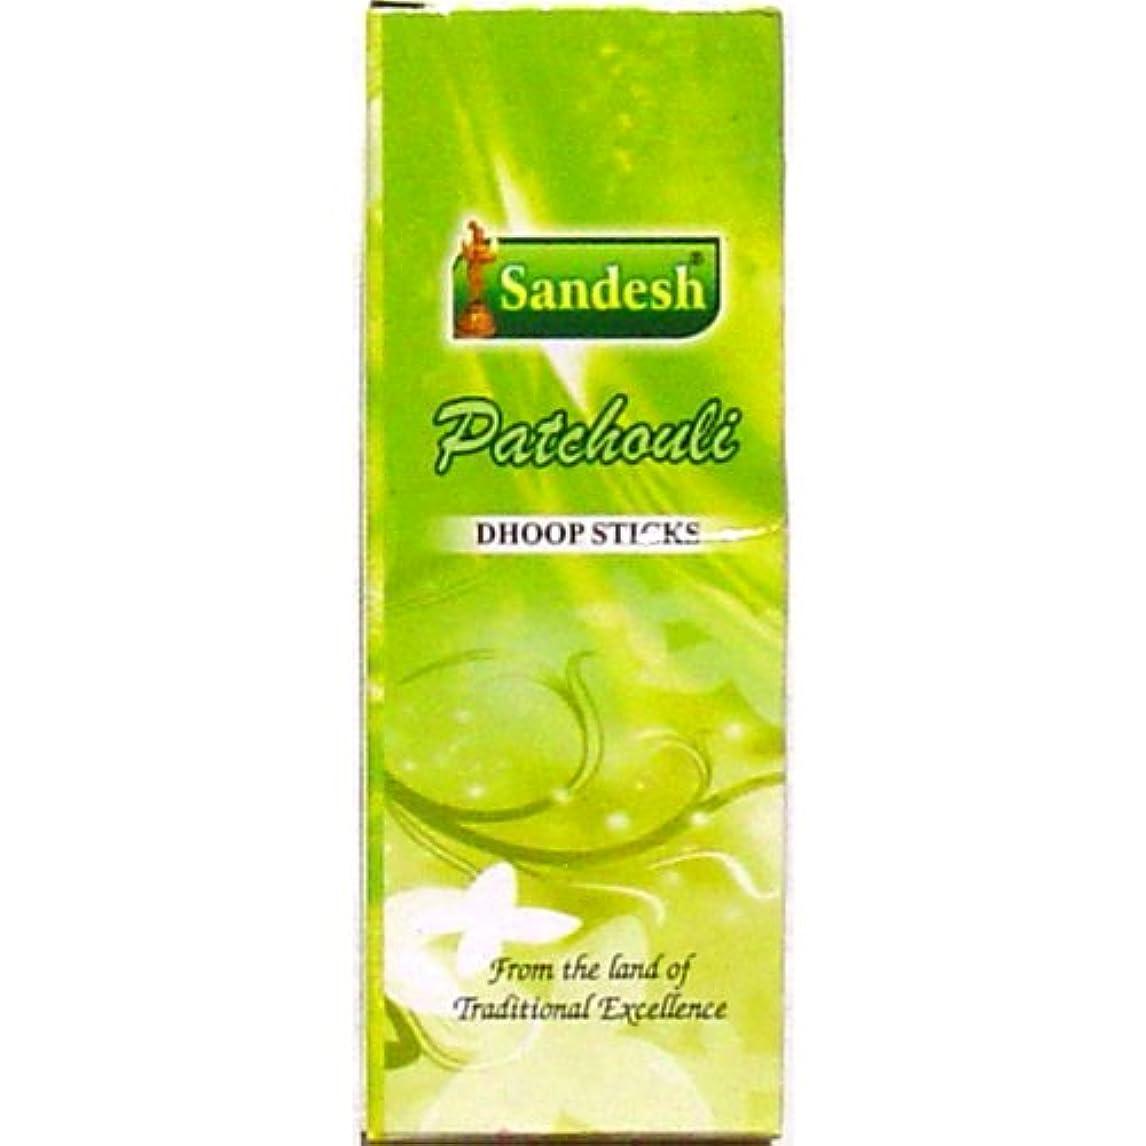 無力郵便物ずっとSandesh Patchouli Dhoop Incense – 10ログperボックス – のセットで販売4ボックス